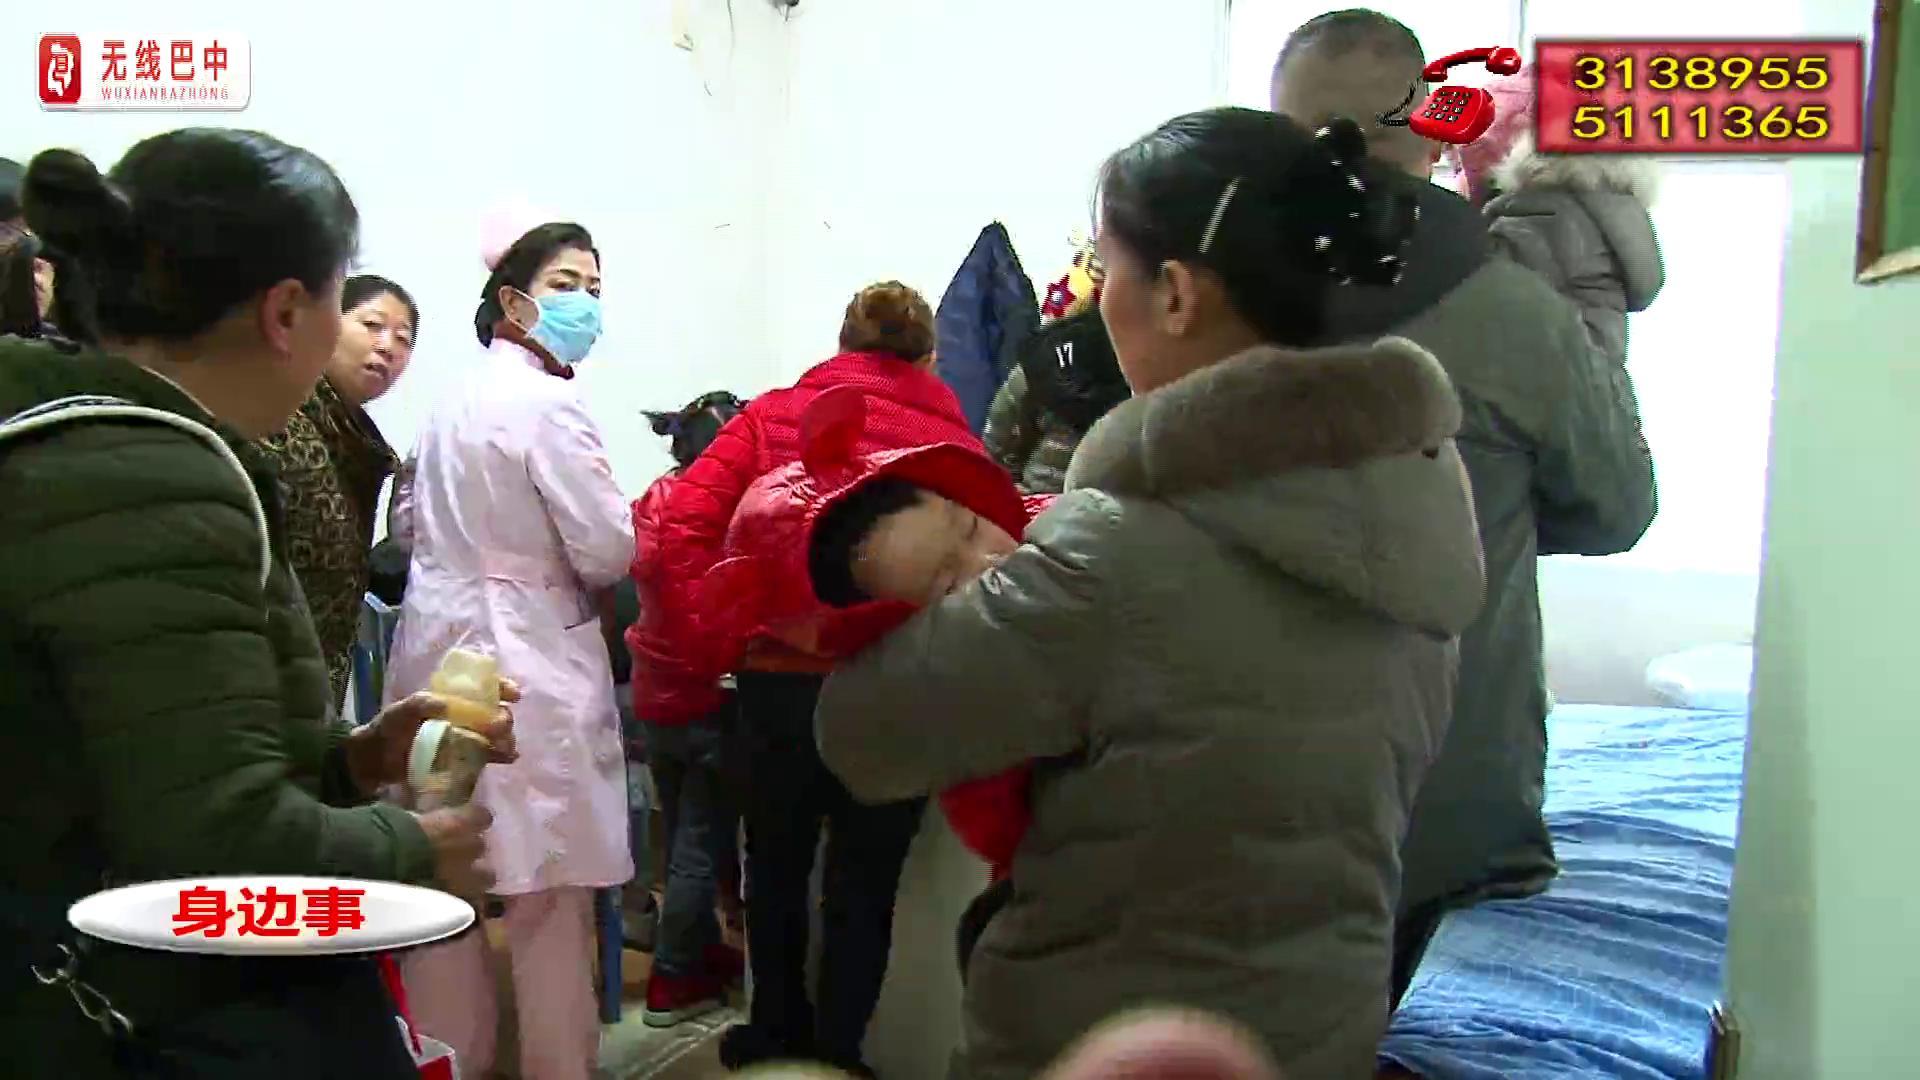 流感冬季高峰季节来临 医院人满为患